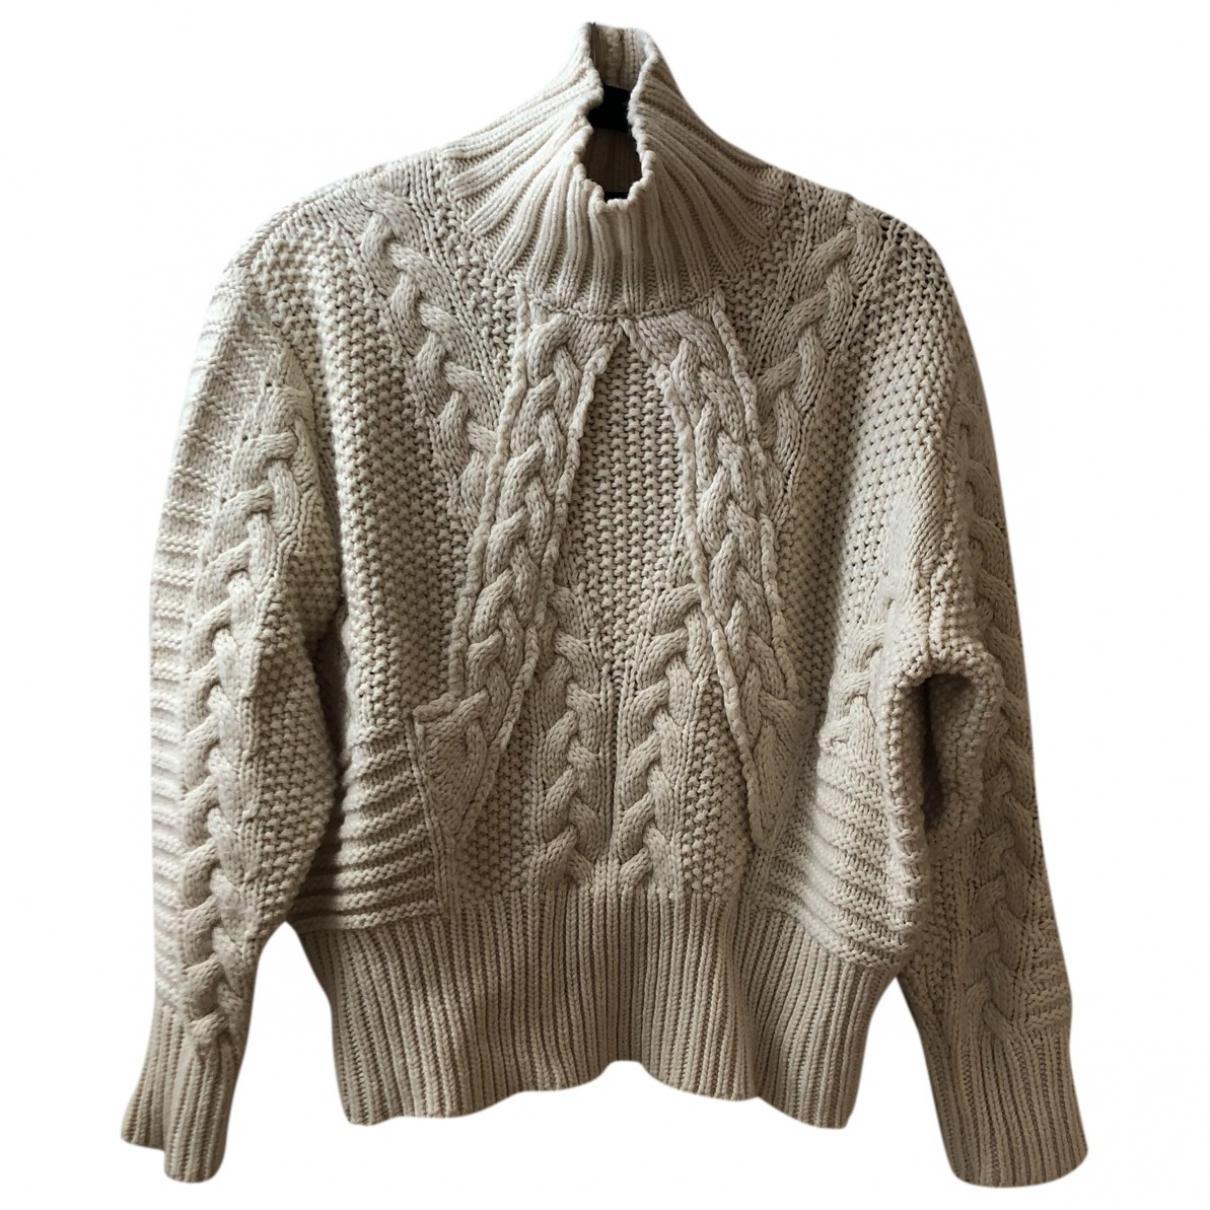 Zara \N Knitwear for Women S International